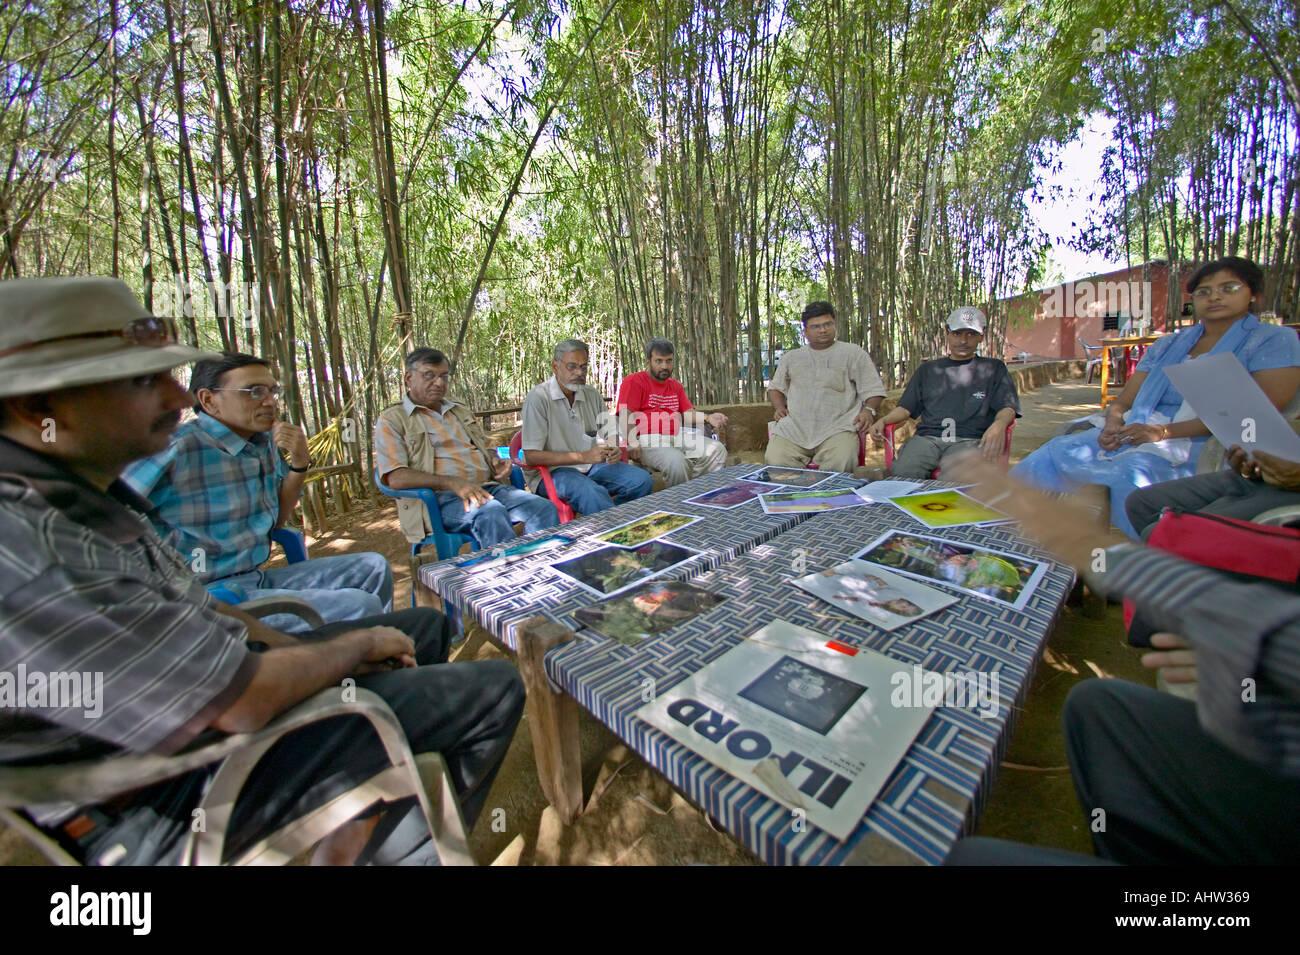 AAD 91600 Atelier Créatif de la photographie photographes Dinodia discutant de l'art Neral Maharashtra INDE Banque D'Images